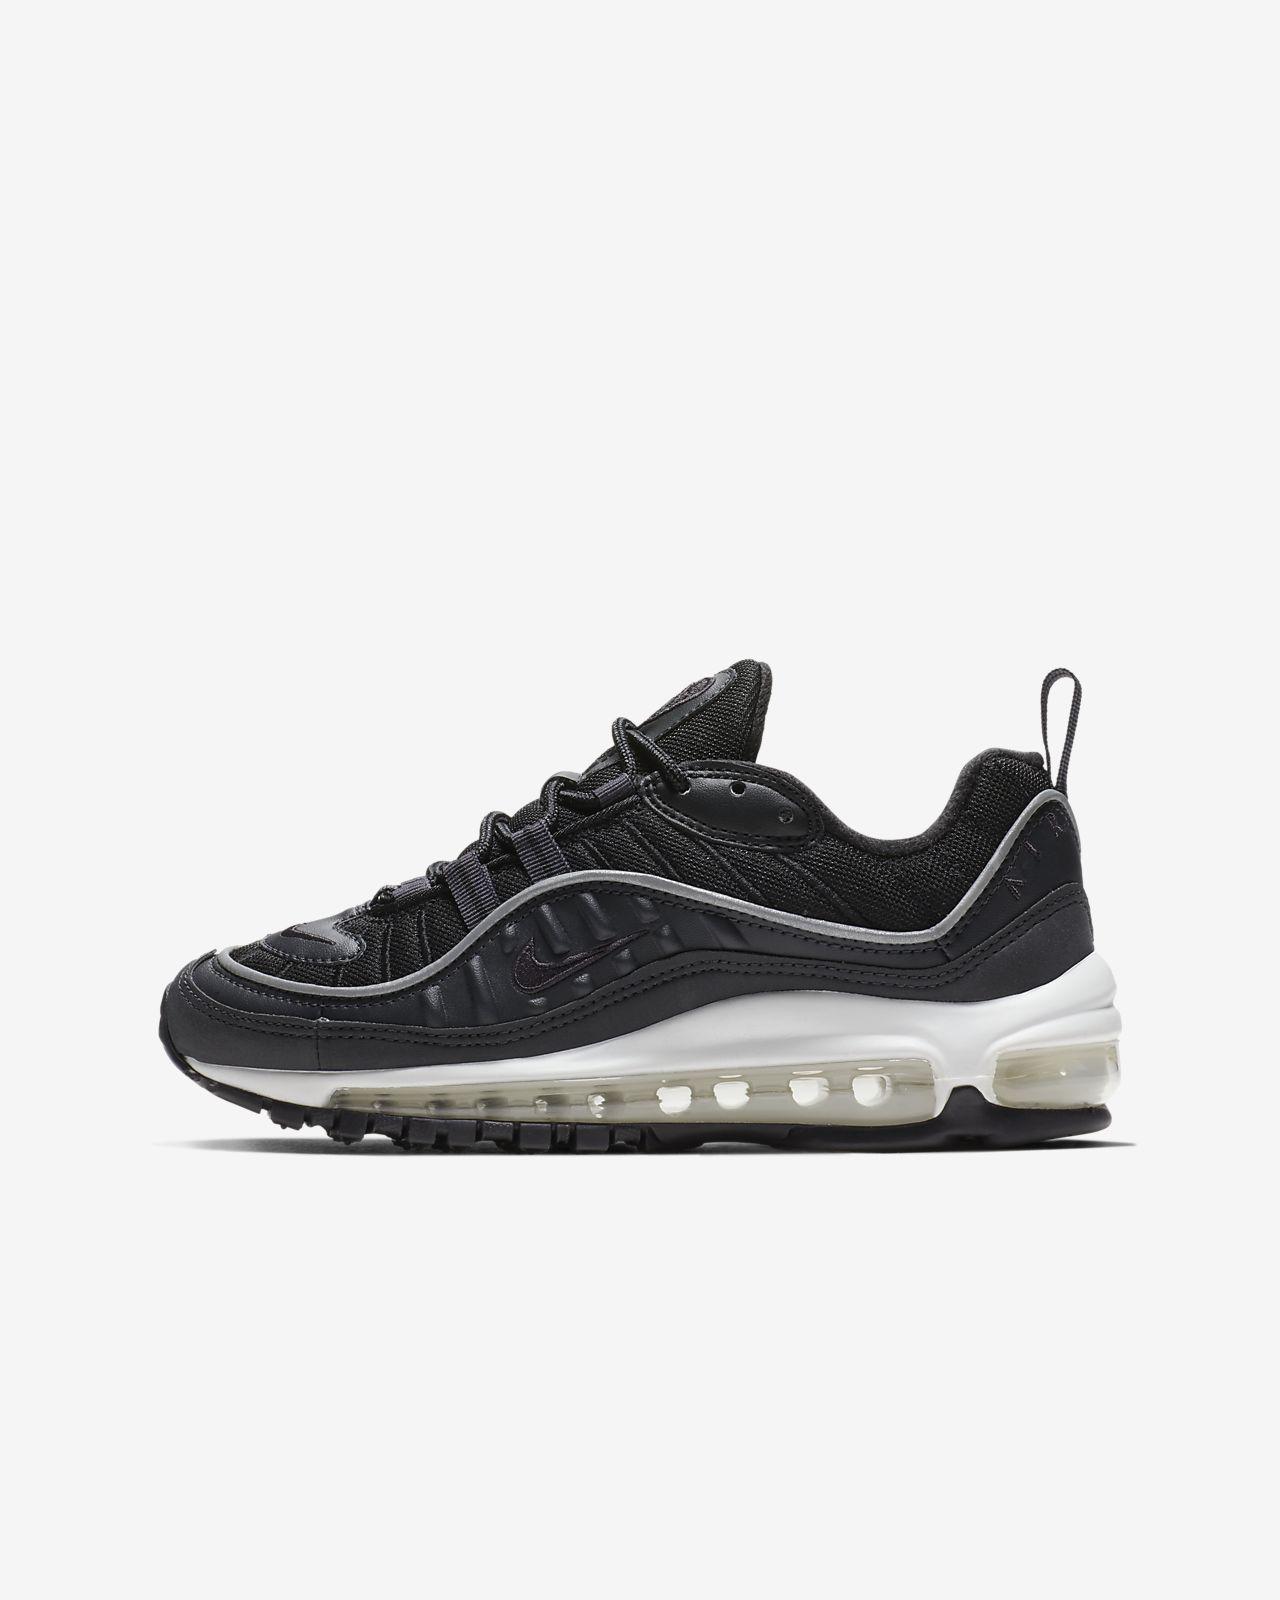 Nike Air Max 98 Genç Çocuk Ayakkabısı